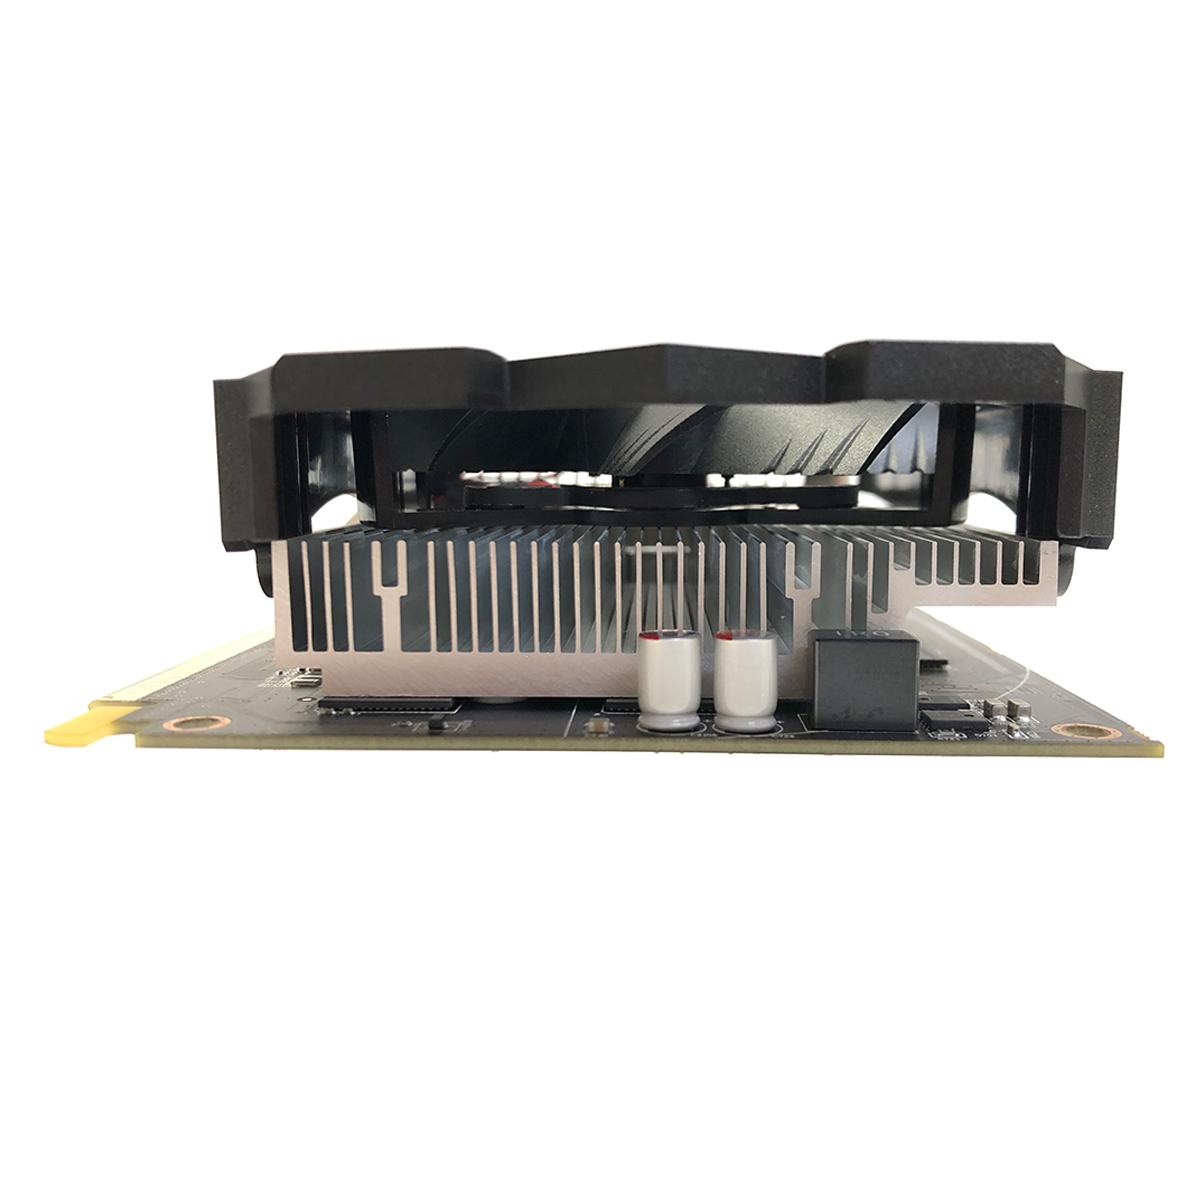 Placa de Vídeo Afox Radeon RX550, 2GB, DDR5, 128 Bits, HDMI/DVI/DisplayPort - AFRX550-2048D5H4